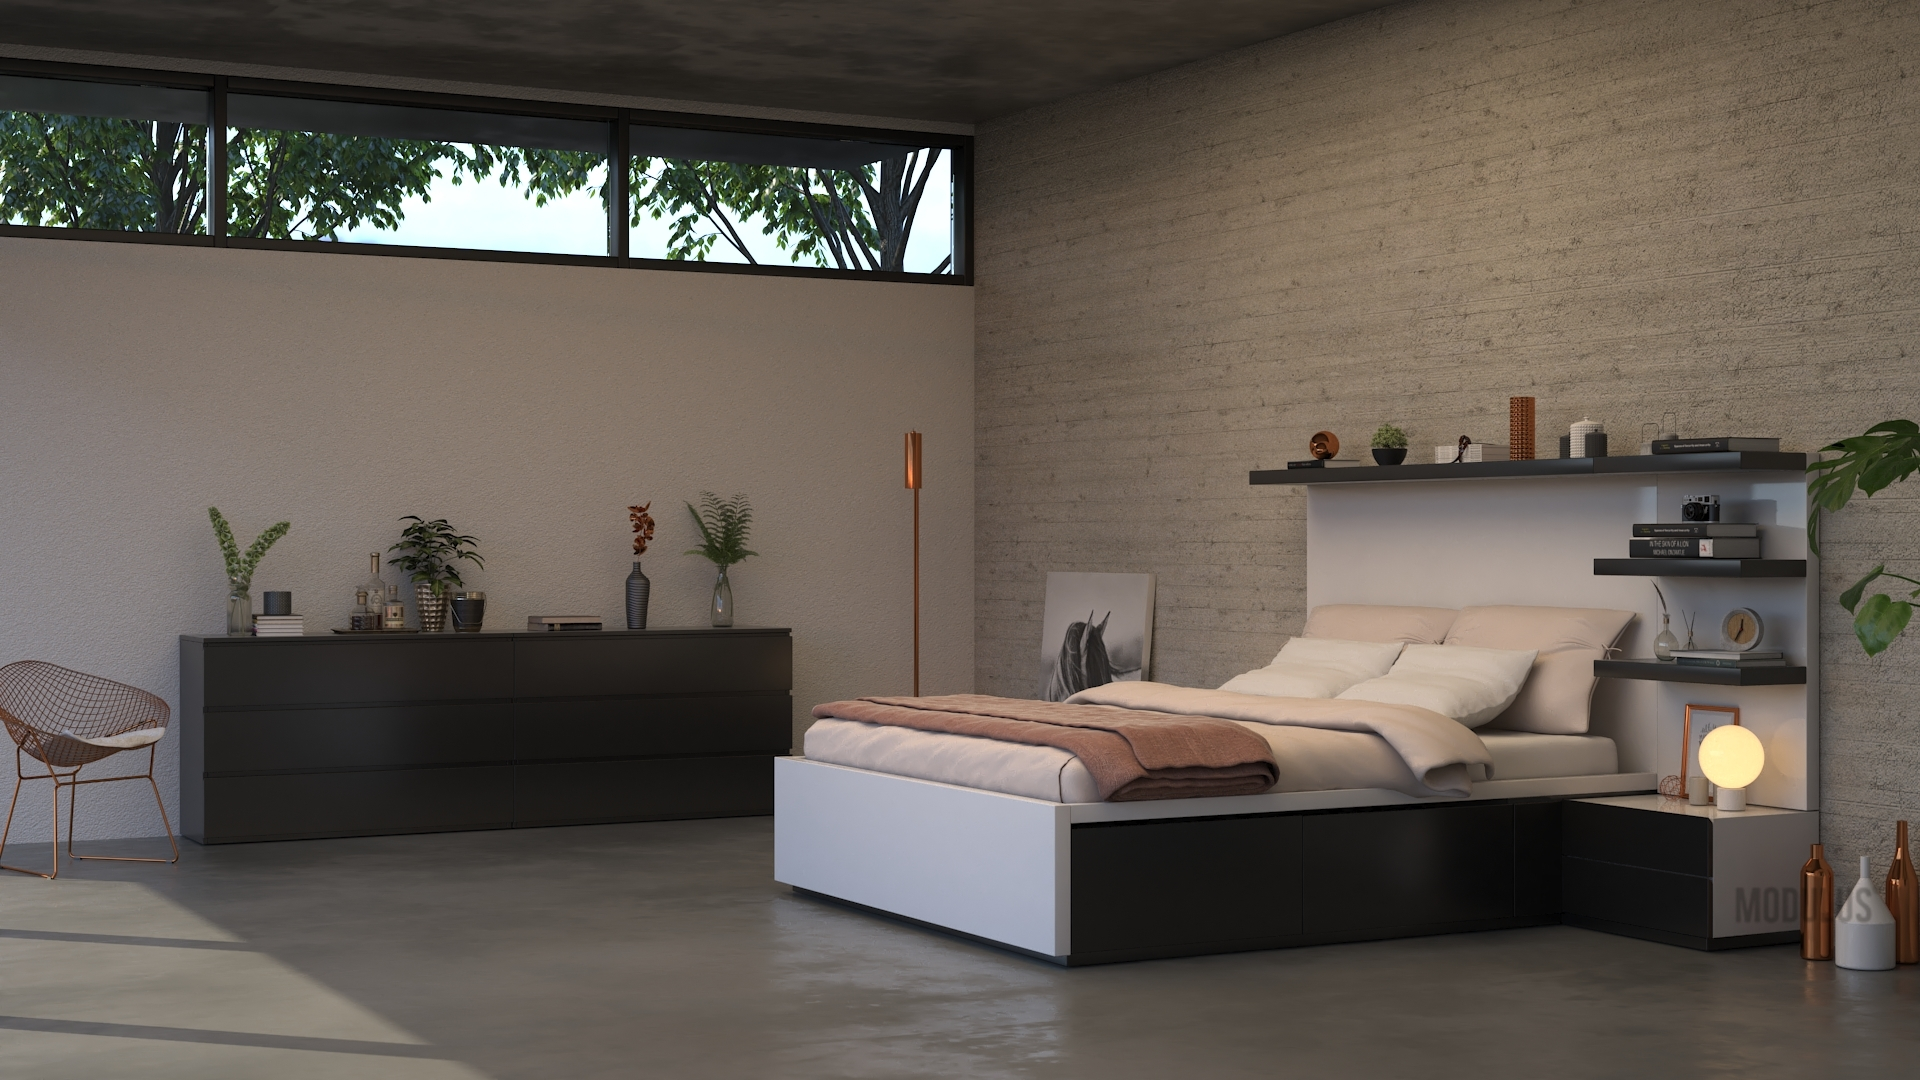 dormitorio contemporaneo